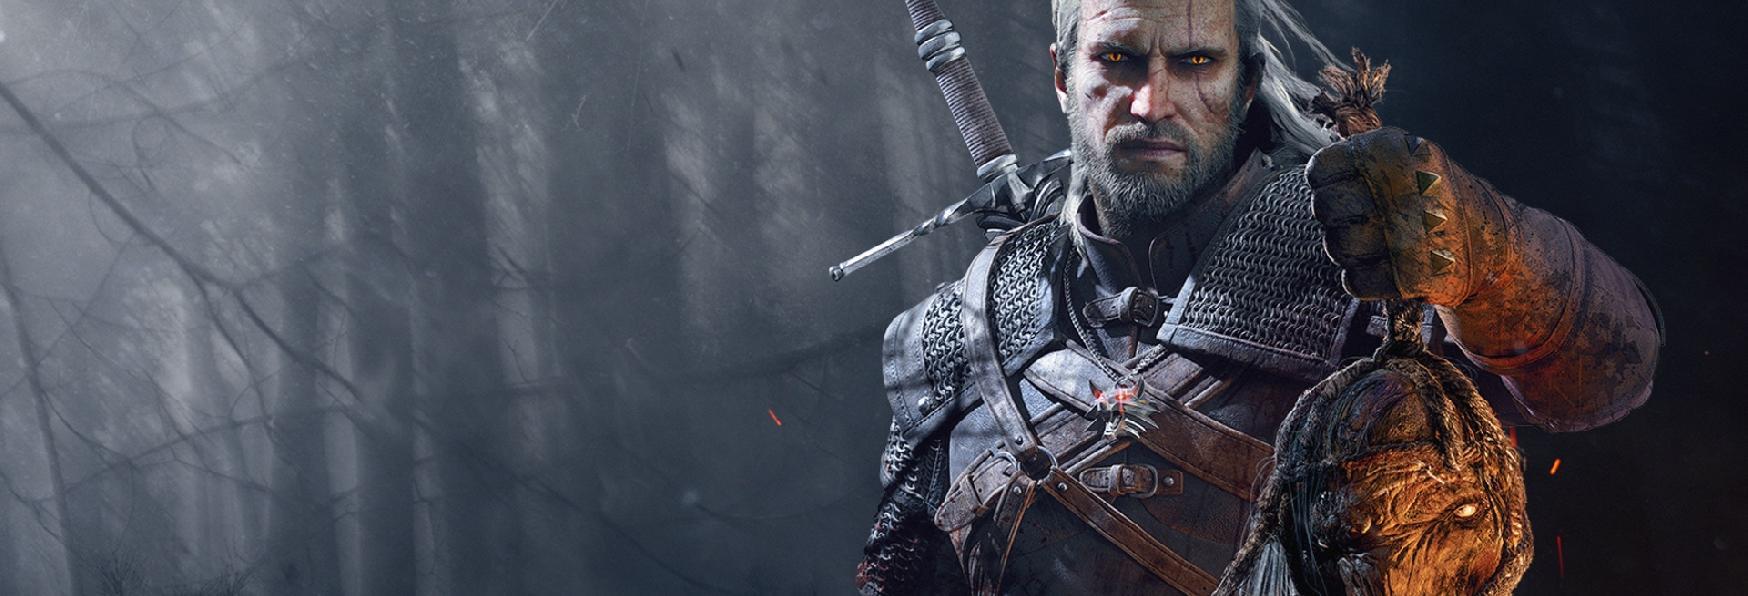 The Witcher: nel Poster della nuova Serie vediamo Geralt con una sola Spada